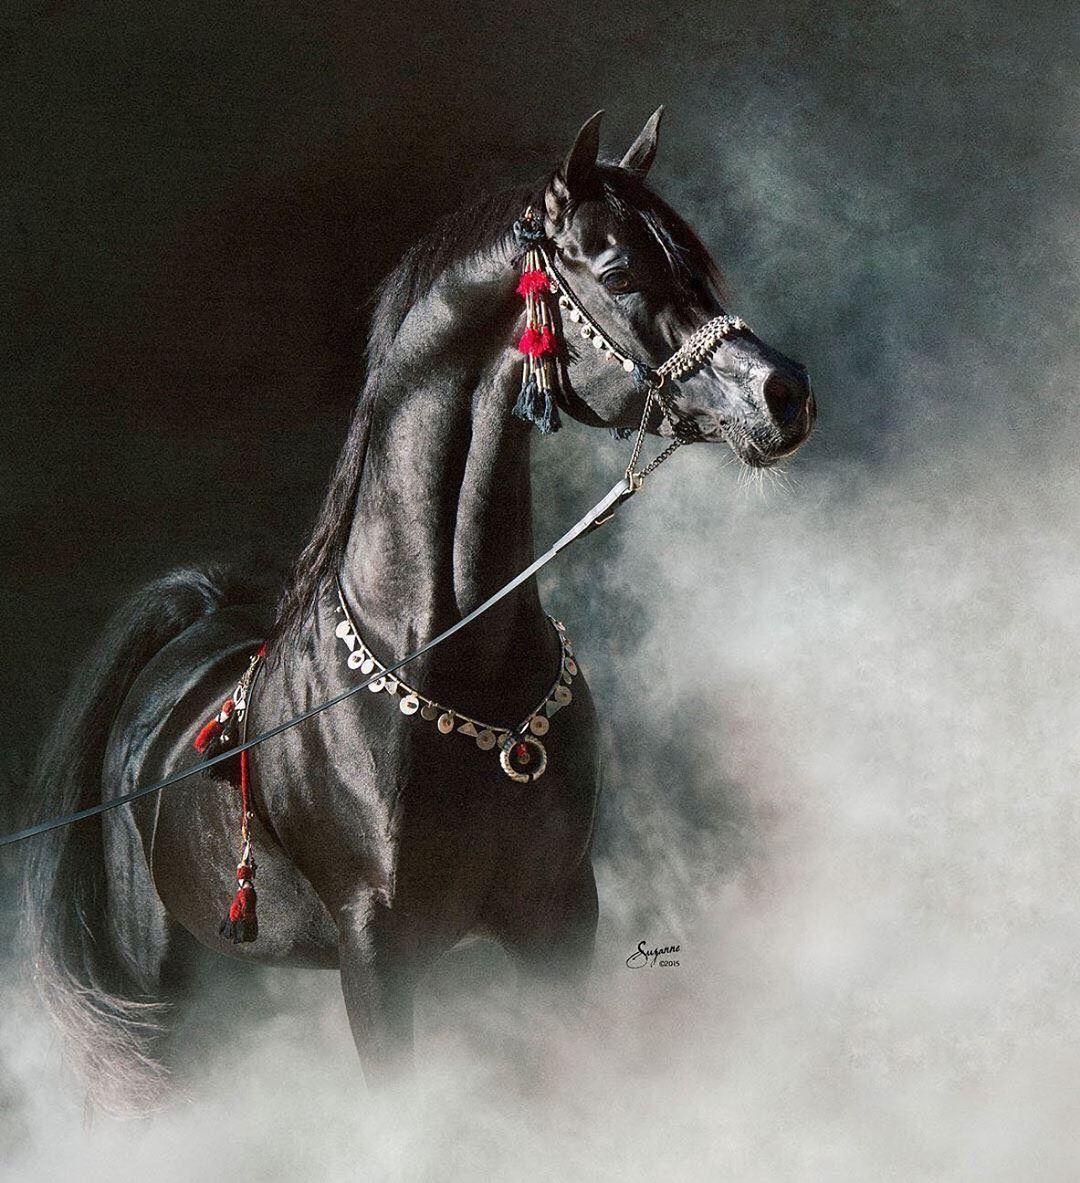 The King Black Pearl اللؤلؤة السوداء فديو الخيل العربية العاديات خيل مروان الشقب خيول In 2020 Black Arabian Horse Beautiful Arabian Horses Horses